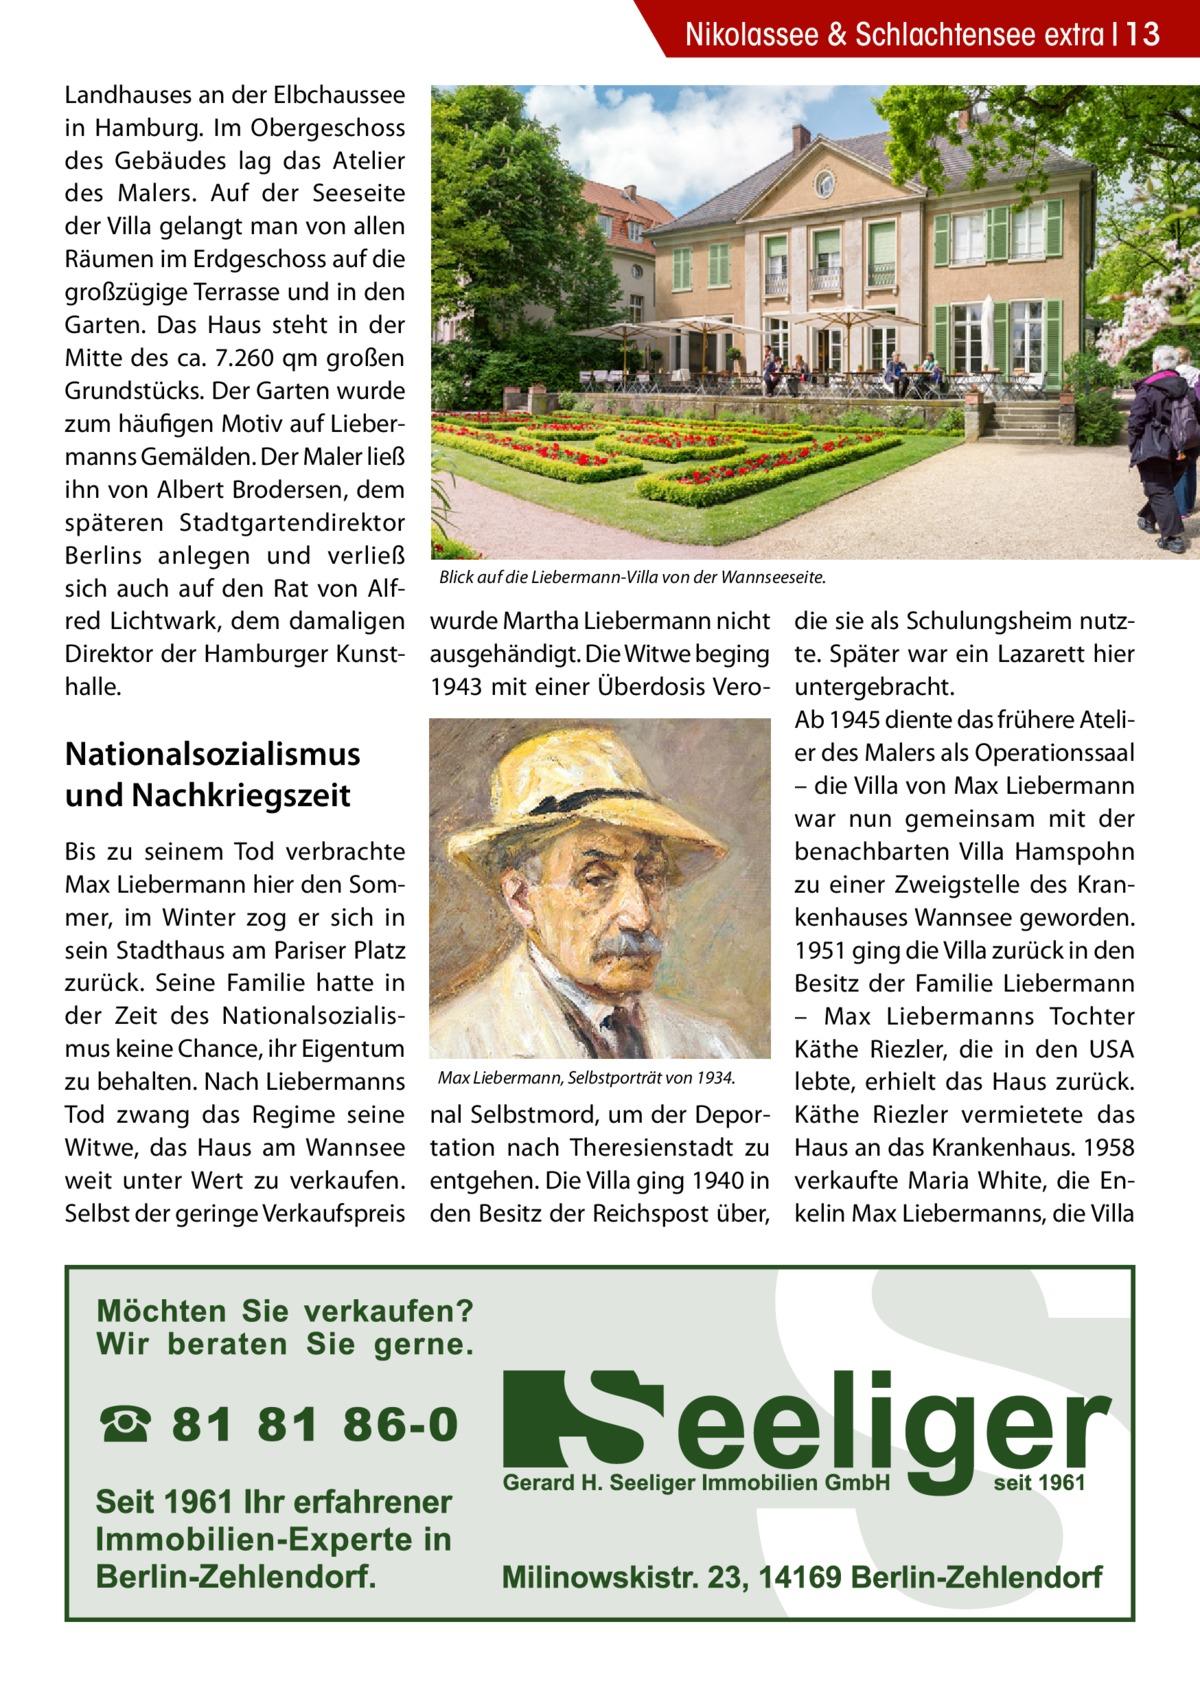 Nikolassee & Schlachtensee extra 13 Landhauses an der Elbchaussee in Hamburg. Im Obergeschoss des Gebäudes lag das Atelier des Malers. Auf der Seeseite der Villa gelangt man von allen Räumen im Erdgeschoss auf die großzügige Terrasse und in den Garten. Das Haus steht in der Mitte des ca. 7.260 qm großen Grundstücks. Der Garten wurde zum häufigen Motiv auf Liebermanns Gemälden. Der Maler ließ ihn von Albert Brodersen, dem späteren Stadtgartendirektor Berlins anlegen und verließ Blick auf die Liebermann-Villa von der Wannseeseite. sich auch auf den Rat von Alfred Lichtwark, dem damaligen wurde Martha Liebermann nicht die sie als Schulungsheim nutzDirektor der Hamburger Kunst- ausgehändigt. Die Witwe beging te. Später war ein Lazarett hier 1943 mit einer Überdosis Vero- untergebracht. halle. Ab 1945 diente das frühere Atelier des Malers als Operationssaal Nationalsozialismus – die Villa von Max Liebermann und Nachkriegszeit war nun gemeinsam mit der Bis zu seinem Tod verbrachte benachbarten Villa Hamspohn Max Liebermann hier den Somzu einer Zweigstelle des Kranmer, im Winter zog er sich in kenhauses Wannsee geworden. sein Stadthaus am Pariser Platz 1951 ging die Villa zurück in den zurück. Seine Familie hatte in Besitz der Familie Liebermann der Zeit des Nationalsozialis– Max Liebermanns Tochter mus keine Chance, ihr Eigentum Käthe Riezler, die in den USA zu behalten. Nach Liebermanns Max Liebermann, Selbstporträt von 1934. lebte, erhielt das Haus zurück. Tod zwang das Regime seine nal Selbstmord, um der Depor- Käthe Riezler vermietete das Witwe, das Haus am Wannsee tation nach Theresienstadt zu Haus an das Krankenhaus. 1958 weit unter Wert zu verkaufen. entgehen. Die Villa ging 1940 in verkaufte Maria White, die EnSelbst der geringe Verkaufspreis den Besitz der Reichspost über, kelin Max Liebermanns, die Villa